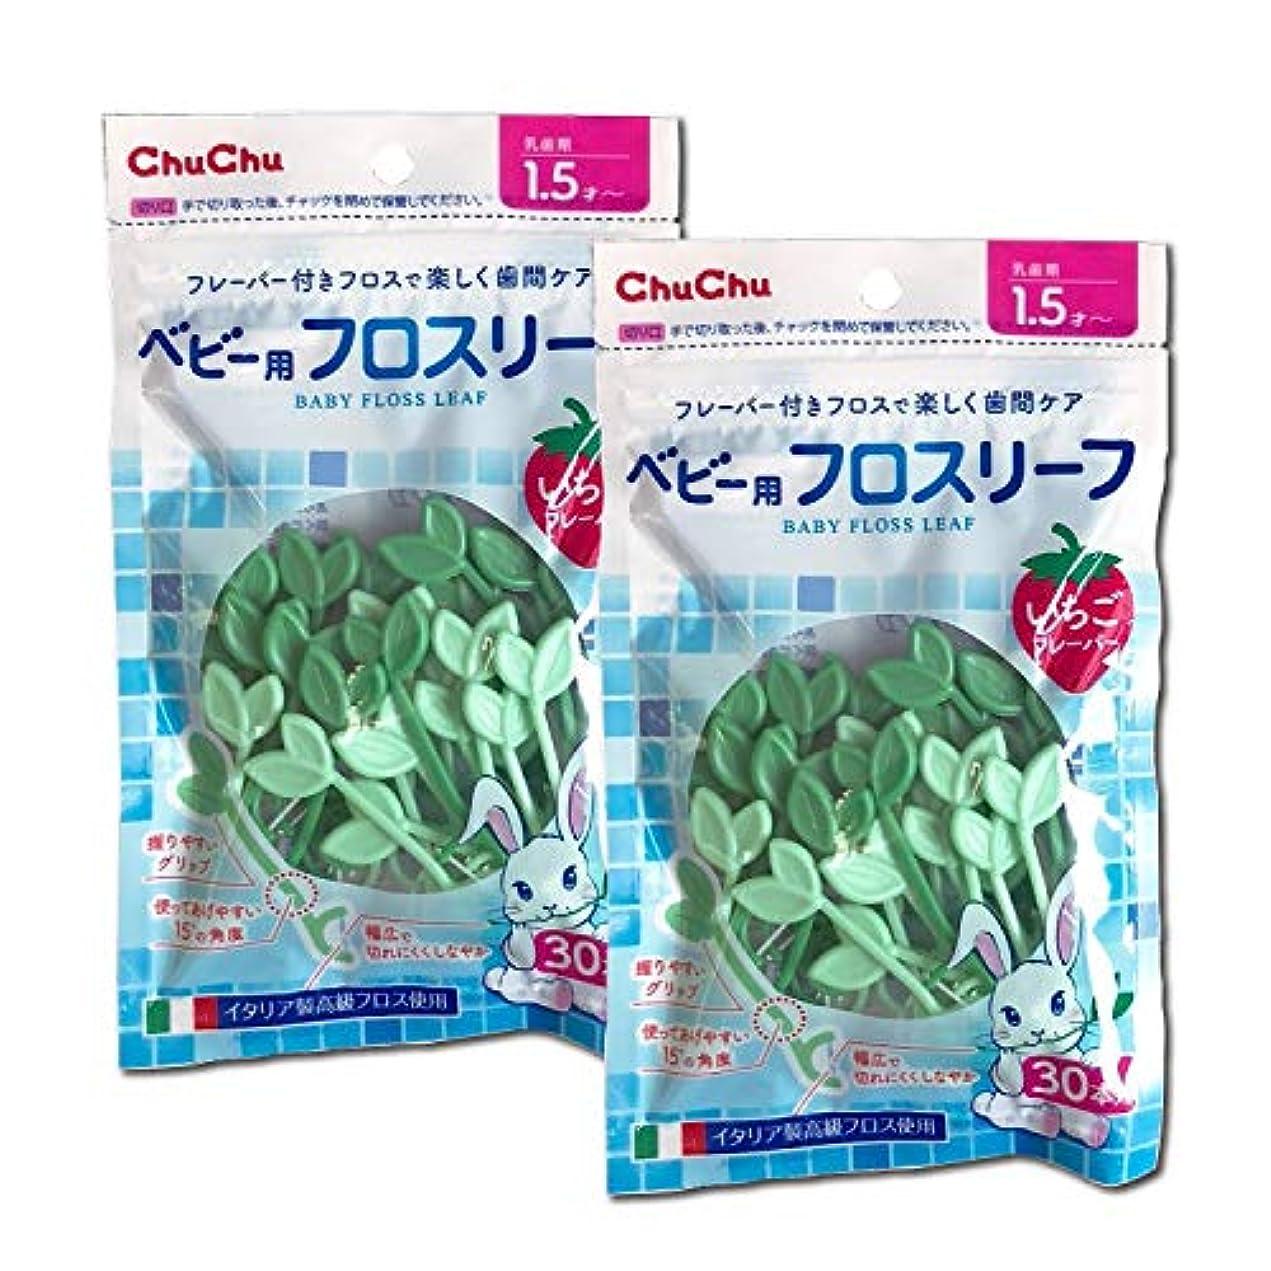 【Amazon.co.jp限定】 チュチュベビー フロスリーフ 2個パック 2個